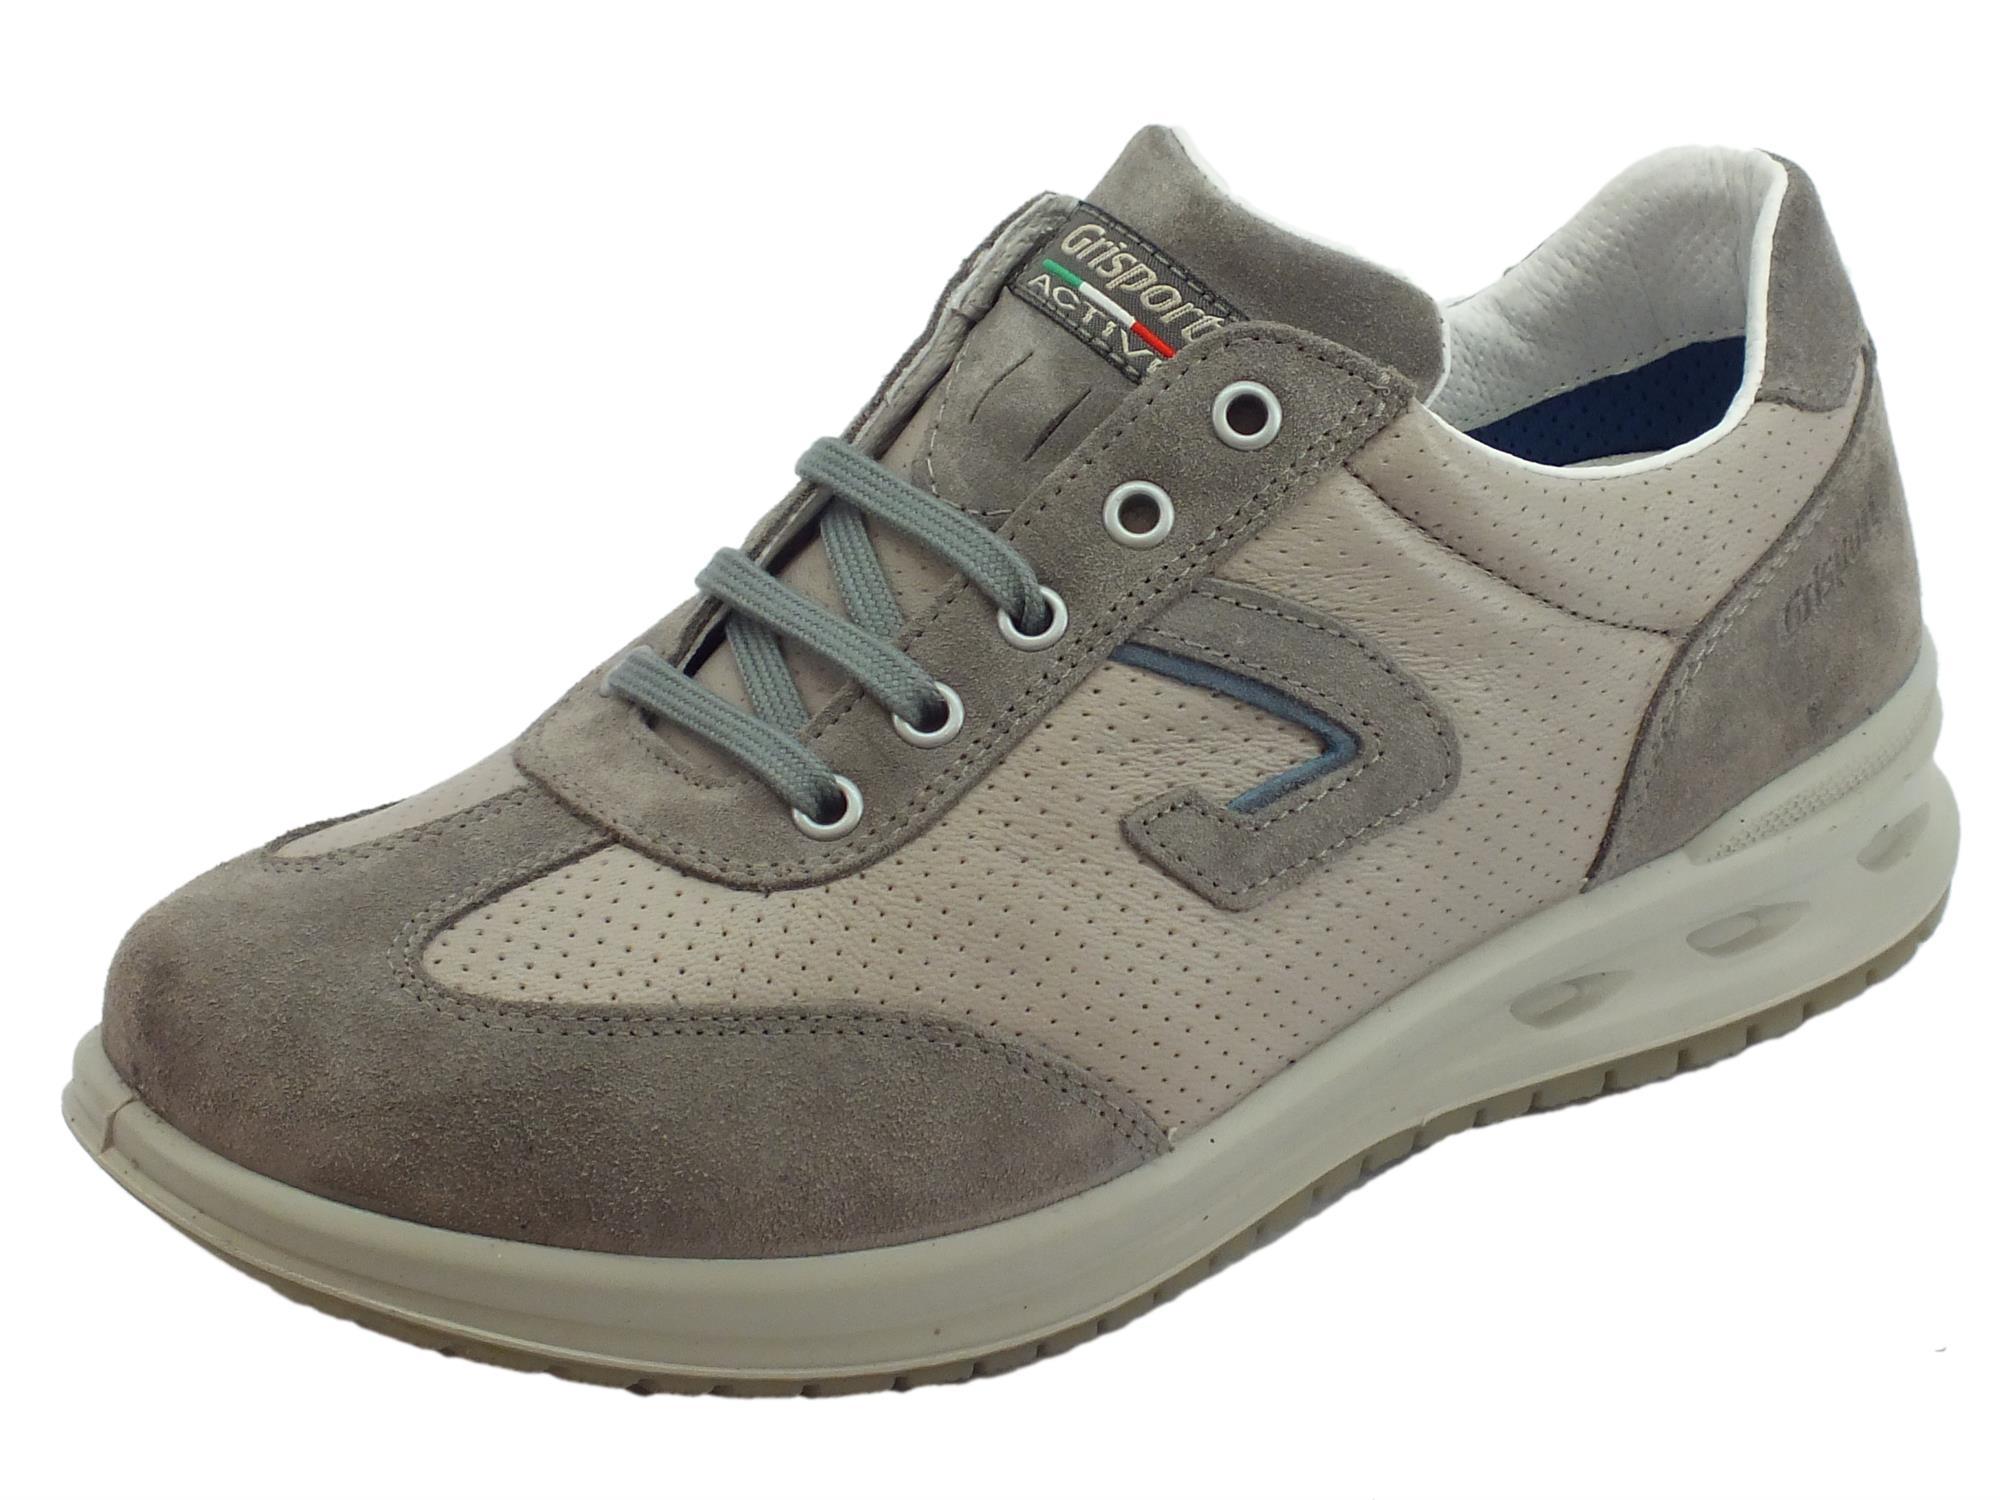 grisport Scarpe Sneakers uomo | MecShopping